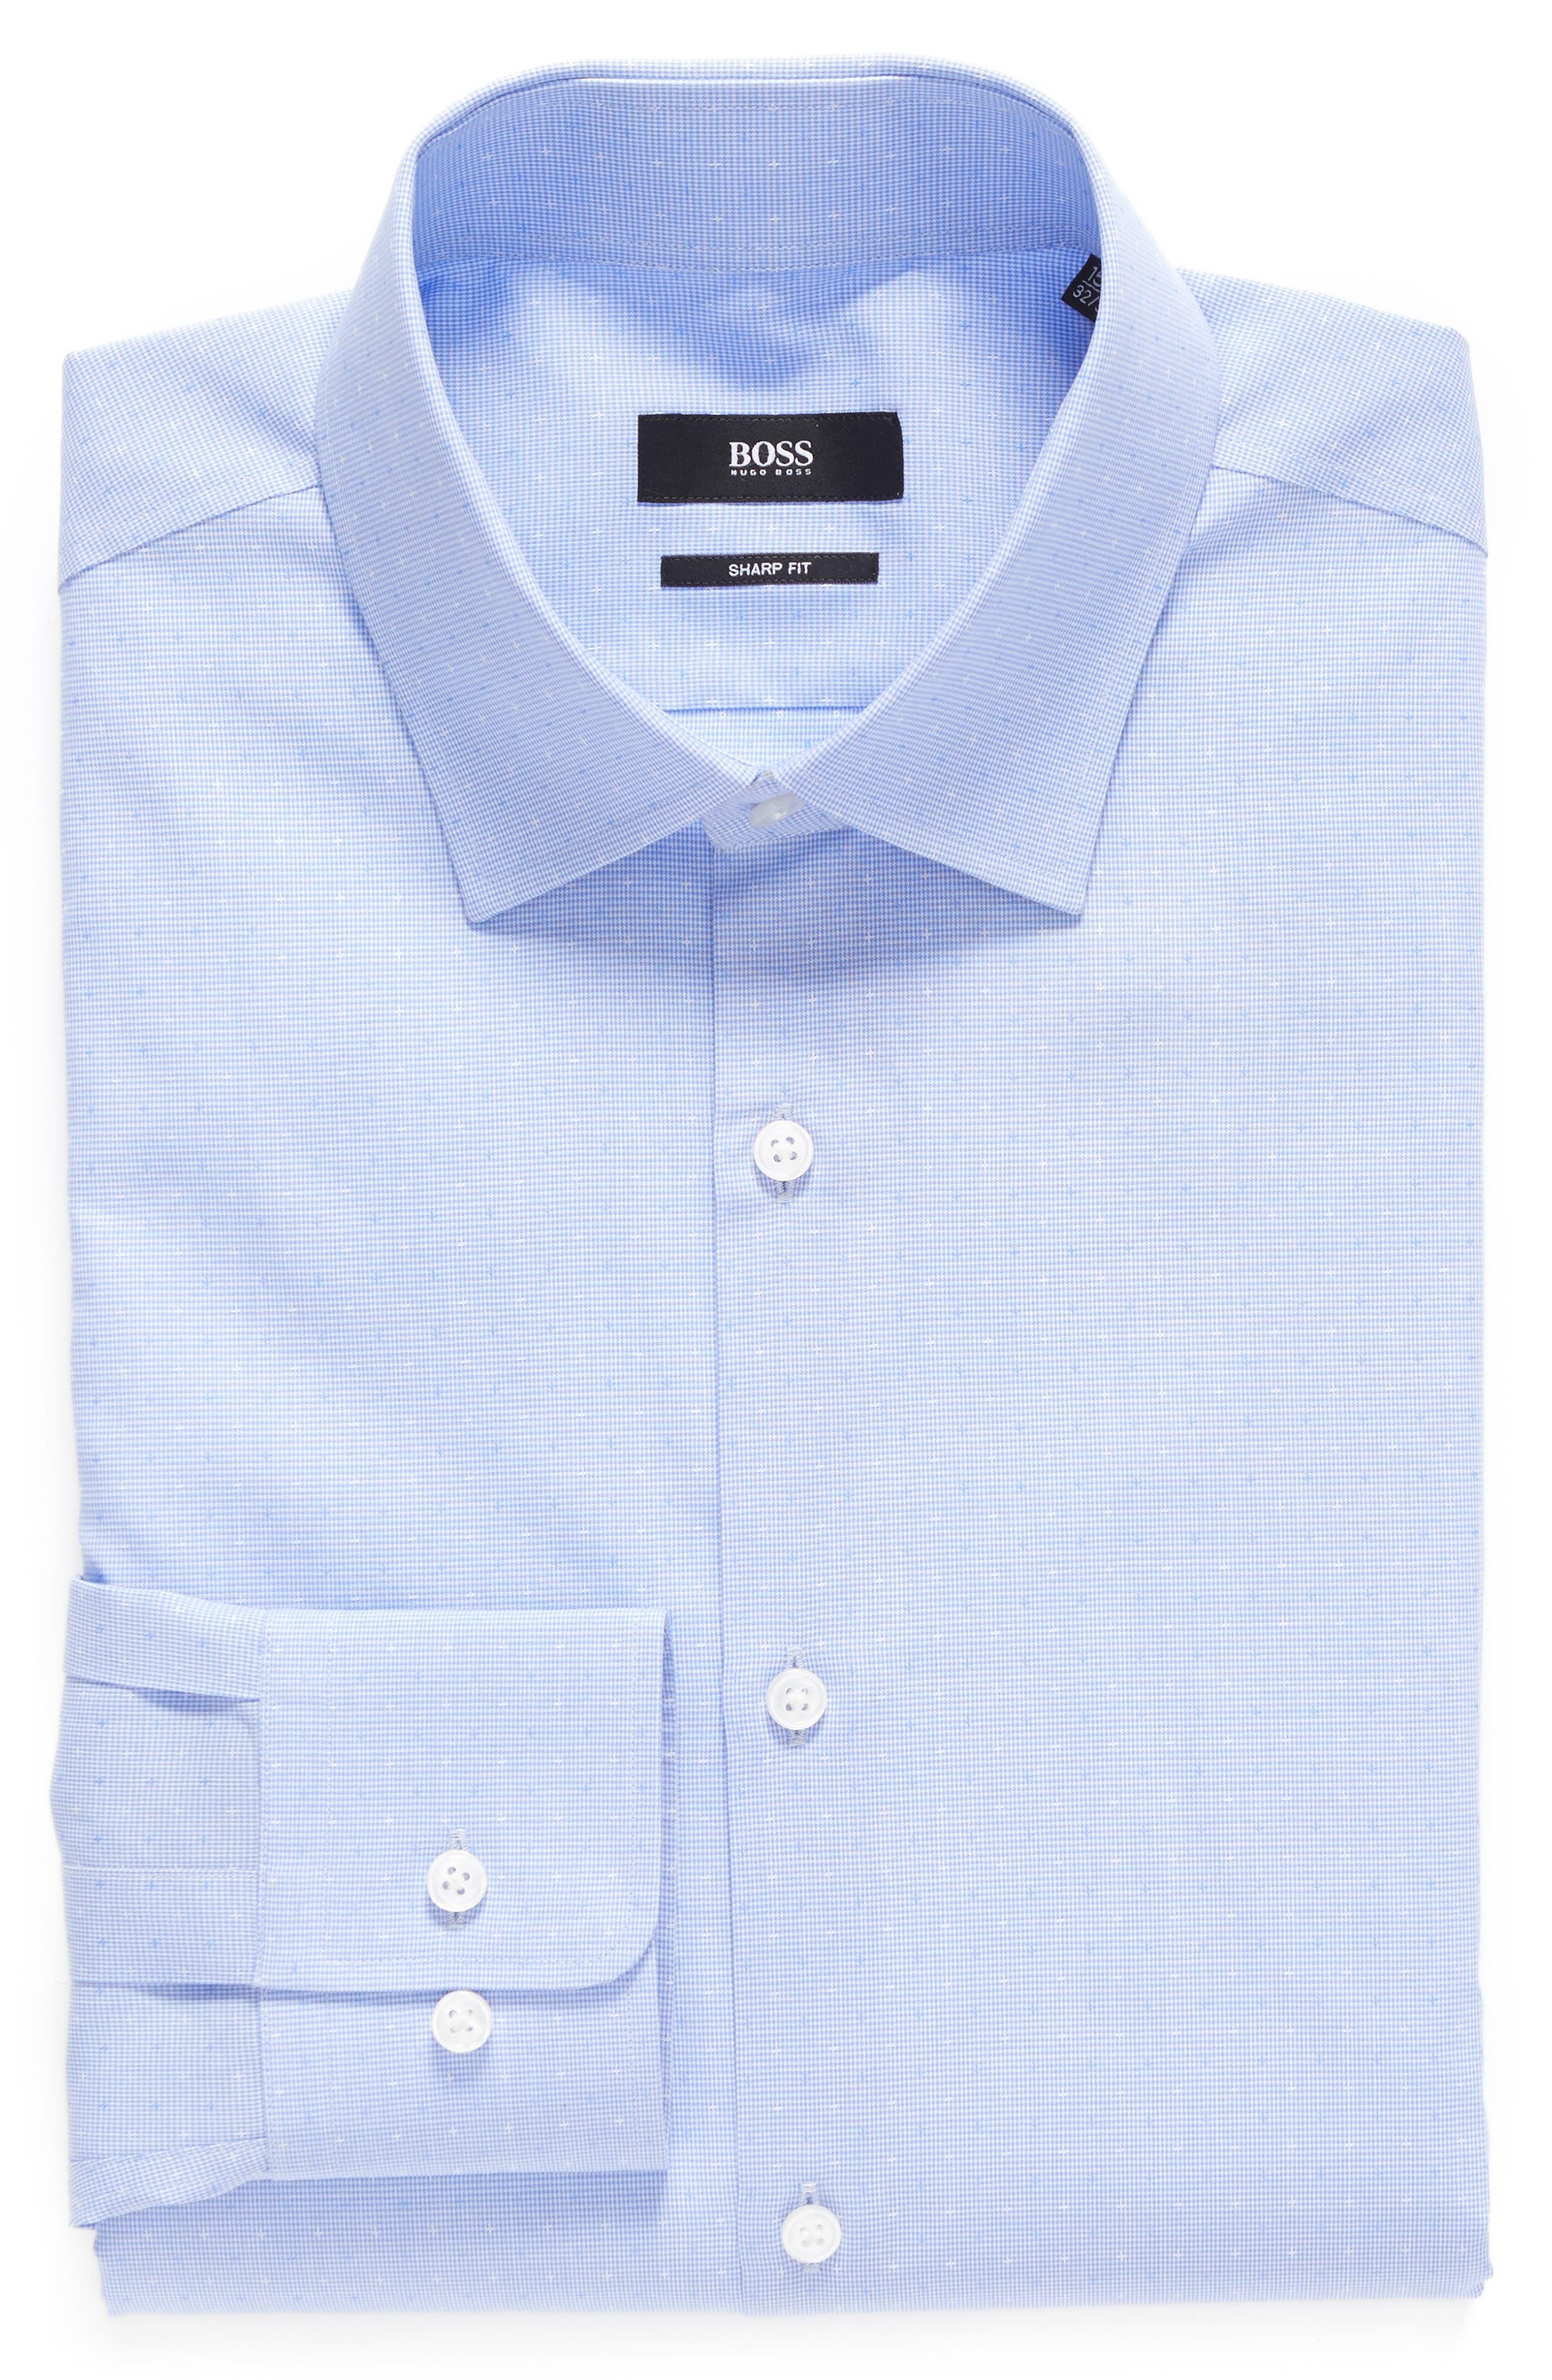 BOSS Sharp Fit Pattern Dress Shirt